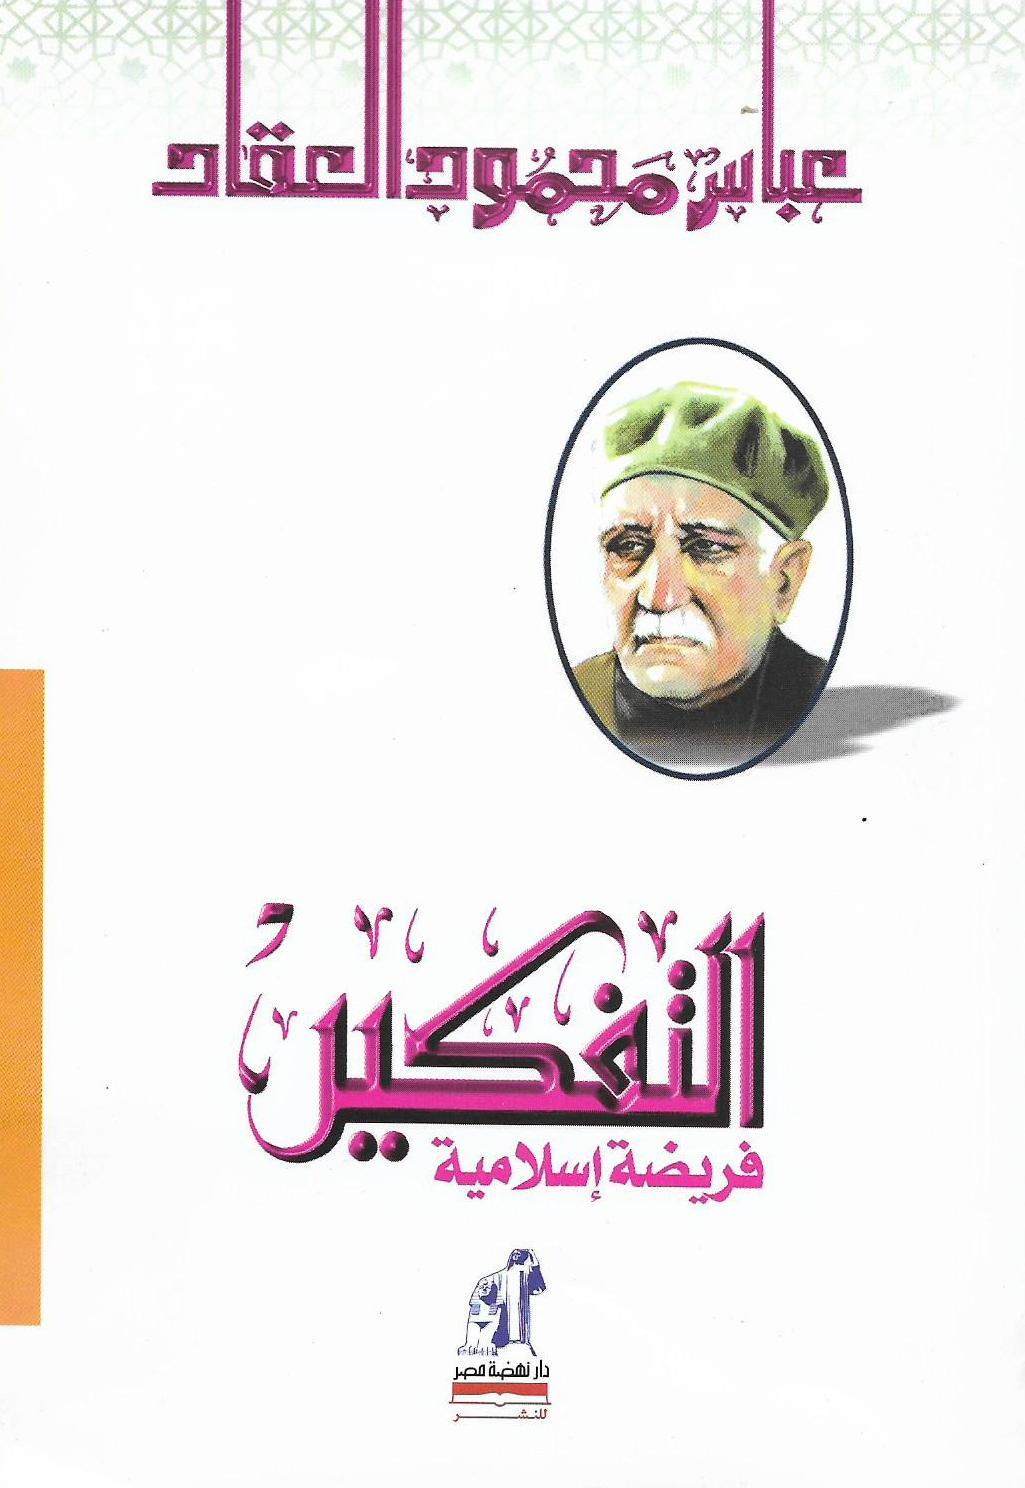 كتاب التفكير فريضة إسلامية - عباس العقاد